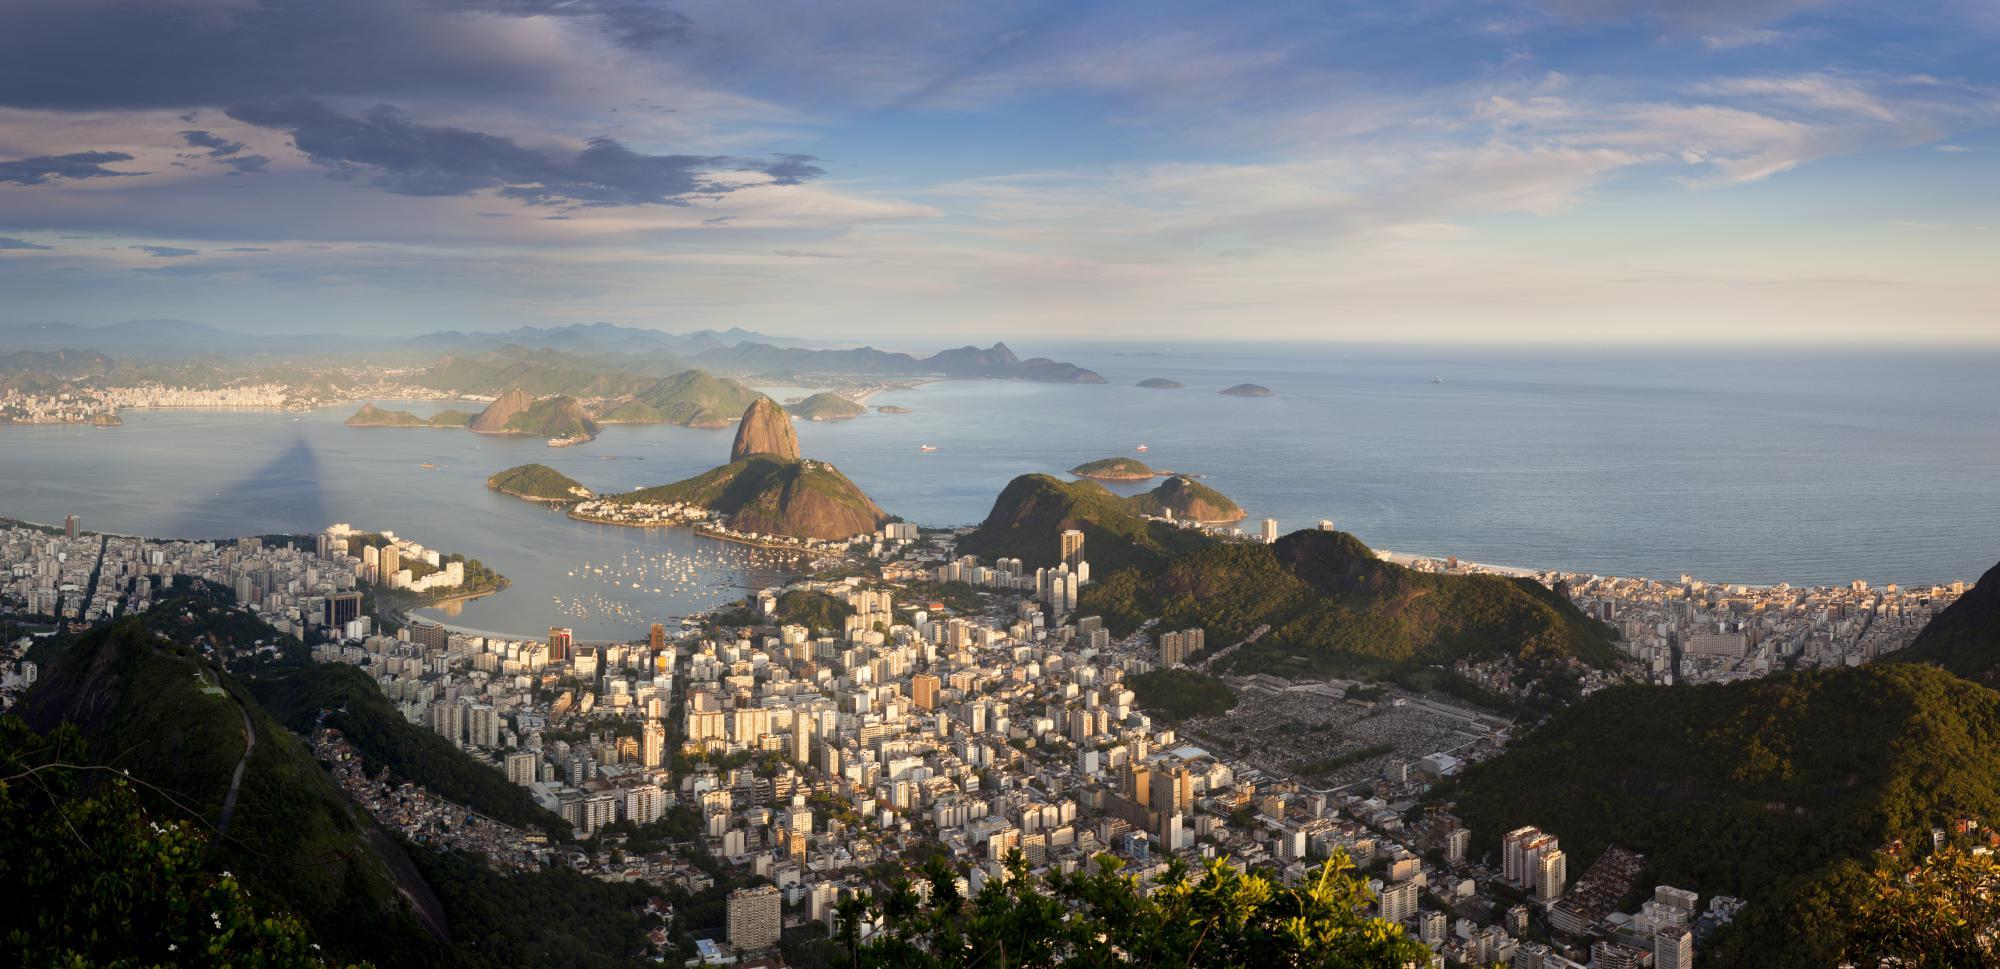 Бразилия объявила о закрытии системы регистрации трансграничных транзакций